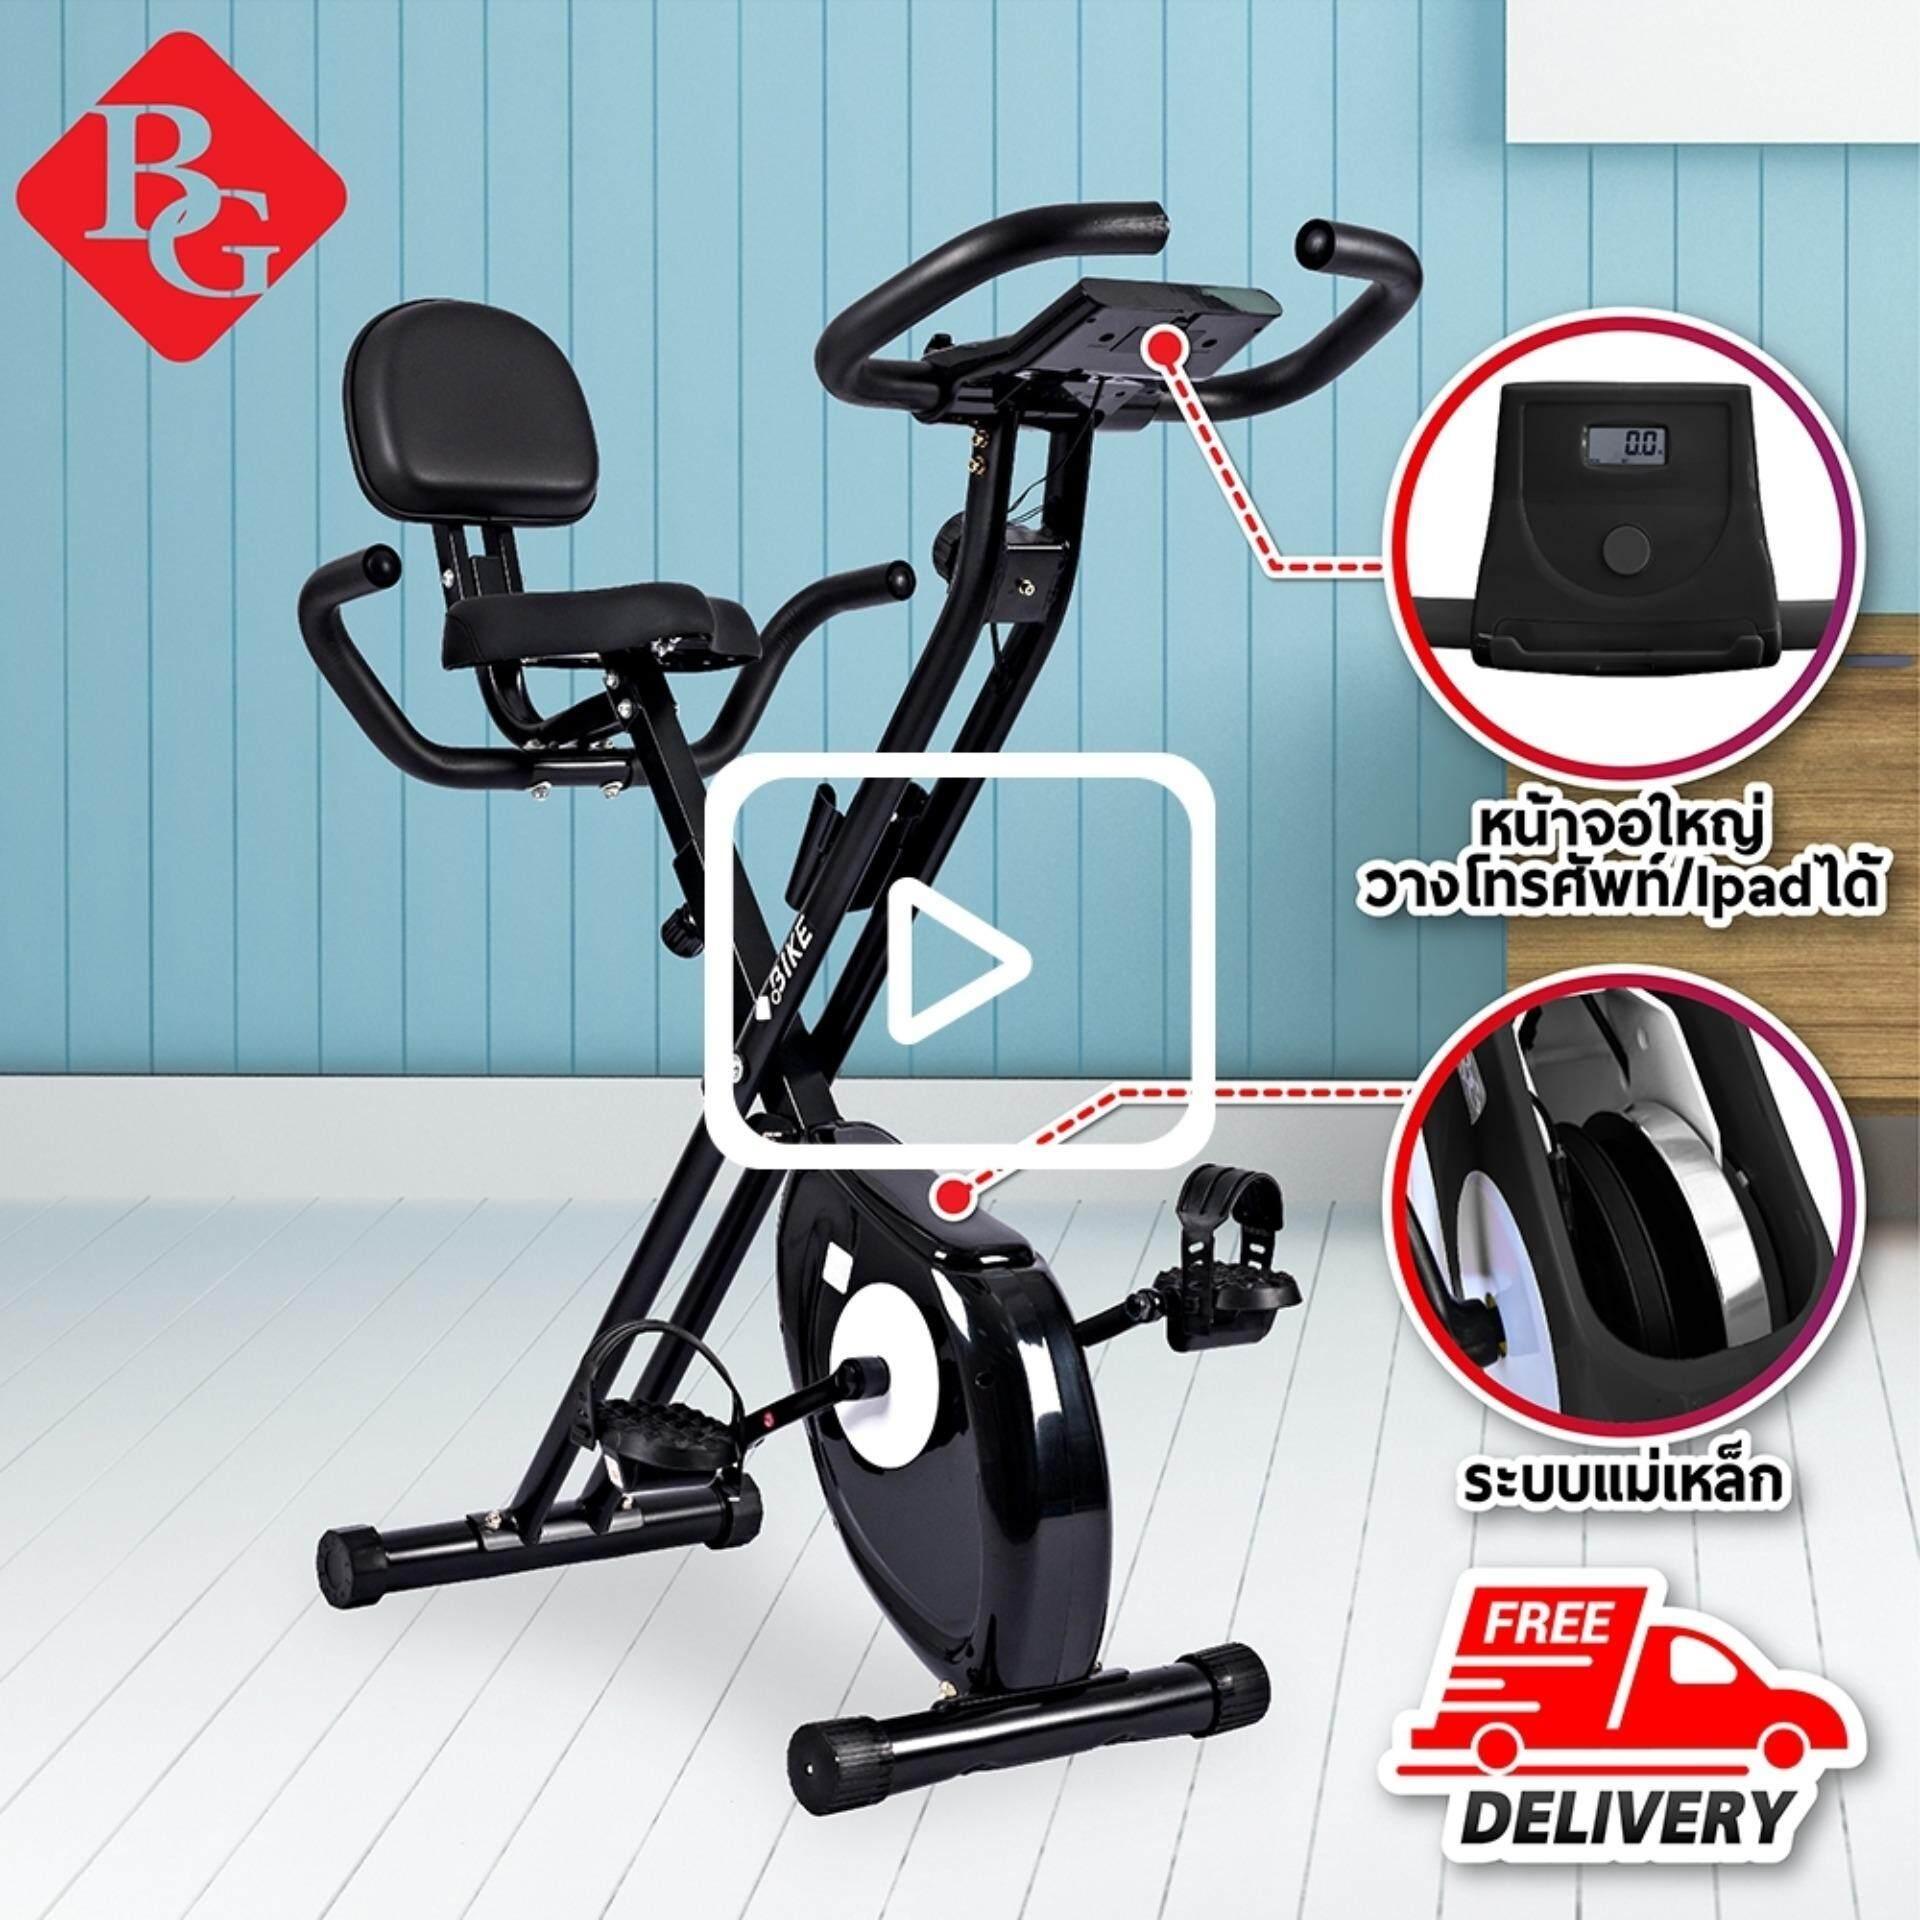 แบบไหนดี B&G Exercise Bike จักรยานออกกำลังกาย X - Bike (Black) - รุ่น YS04